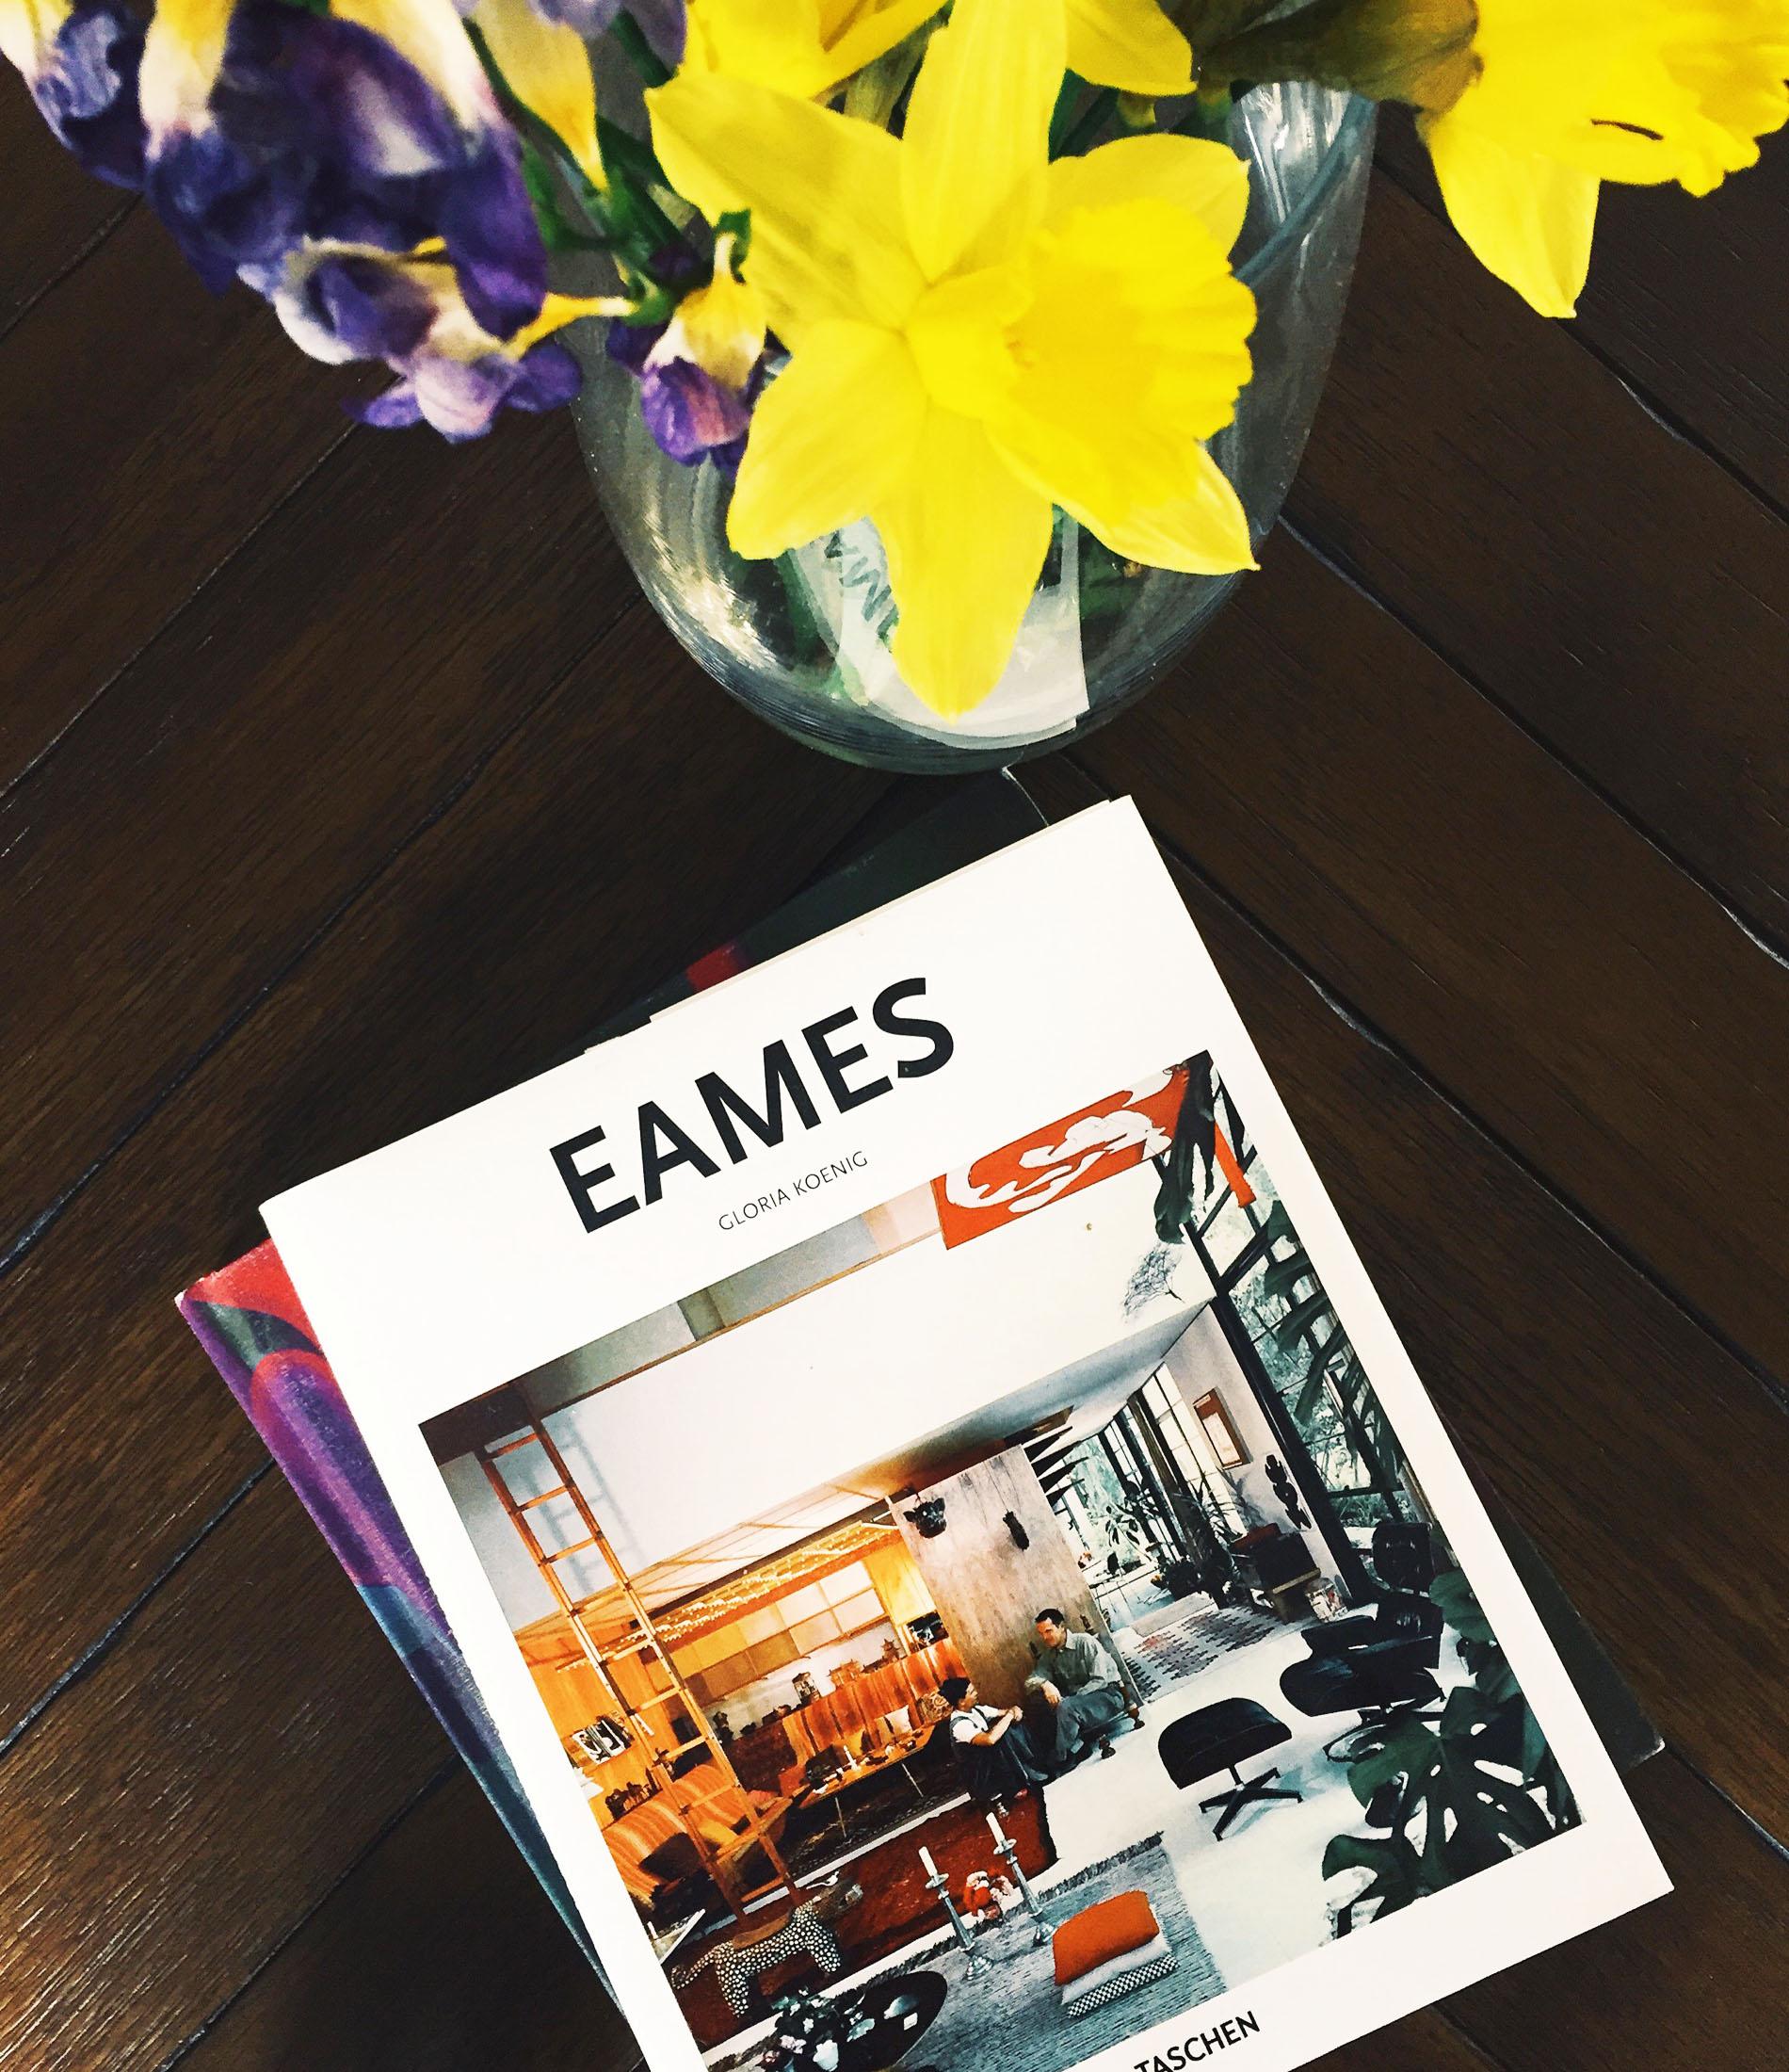 Coffe Table Book, Bücher, Bildband, Coffeetable, Wohnen, Einrichtung, Persönlichkeit, Interessen, Design, Home & Interior, Interieur,